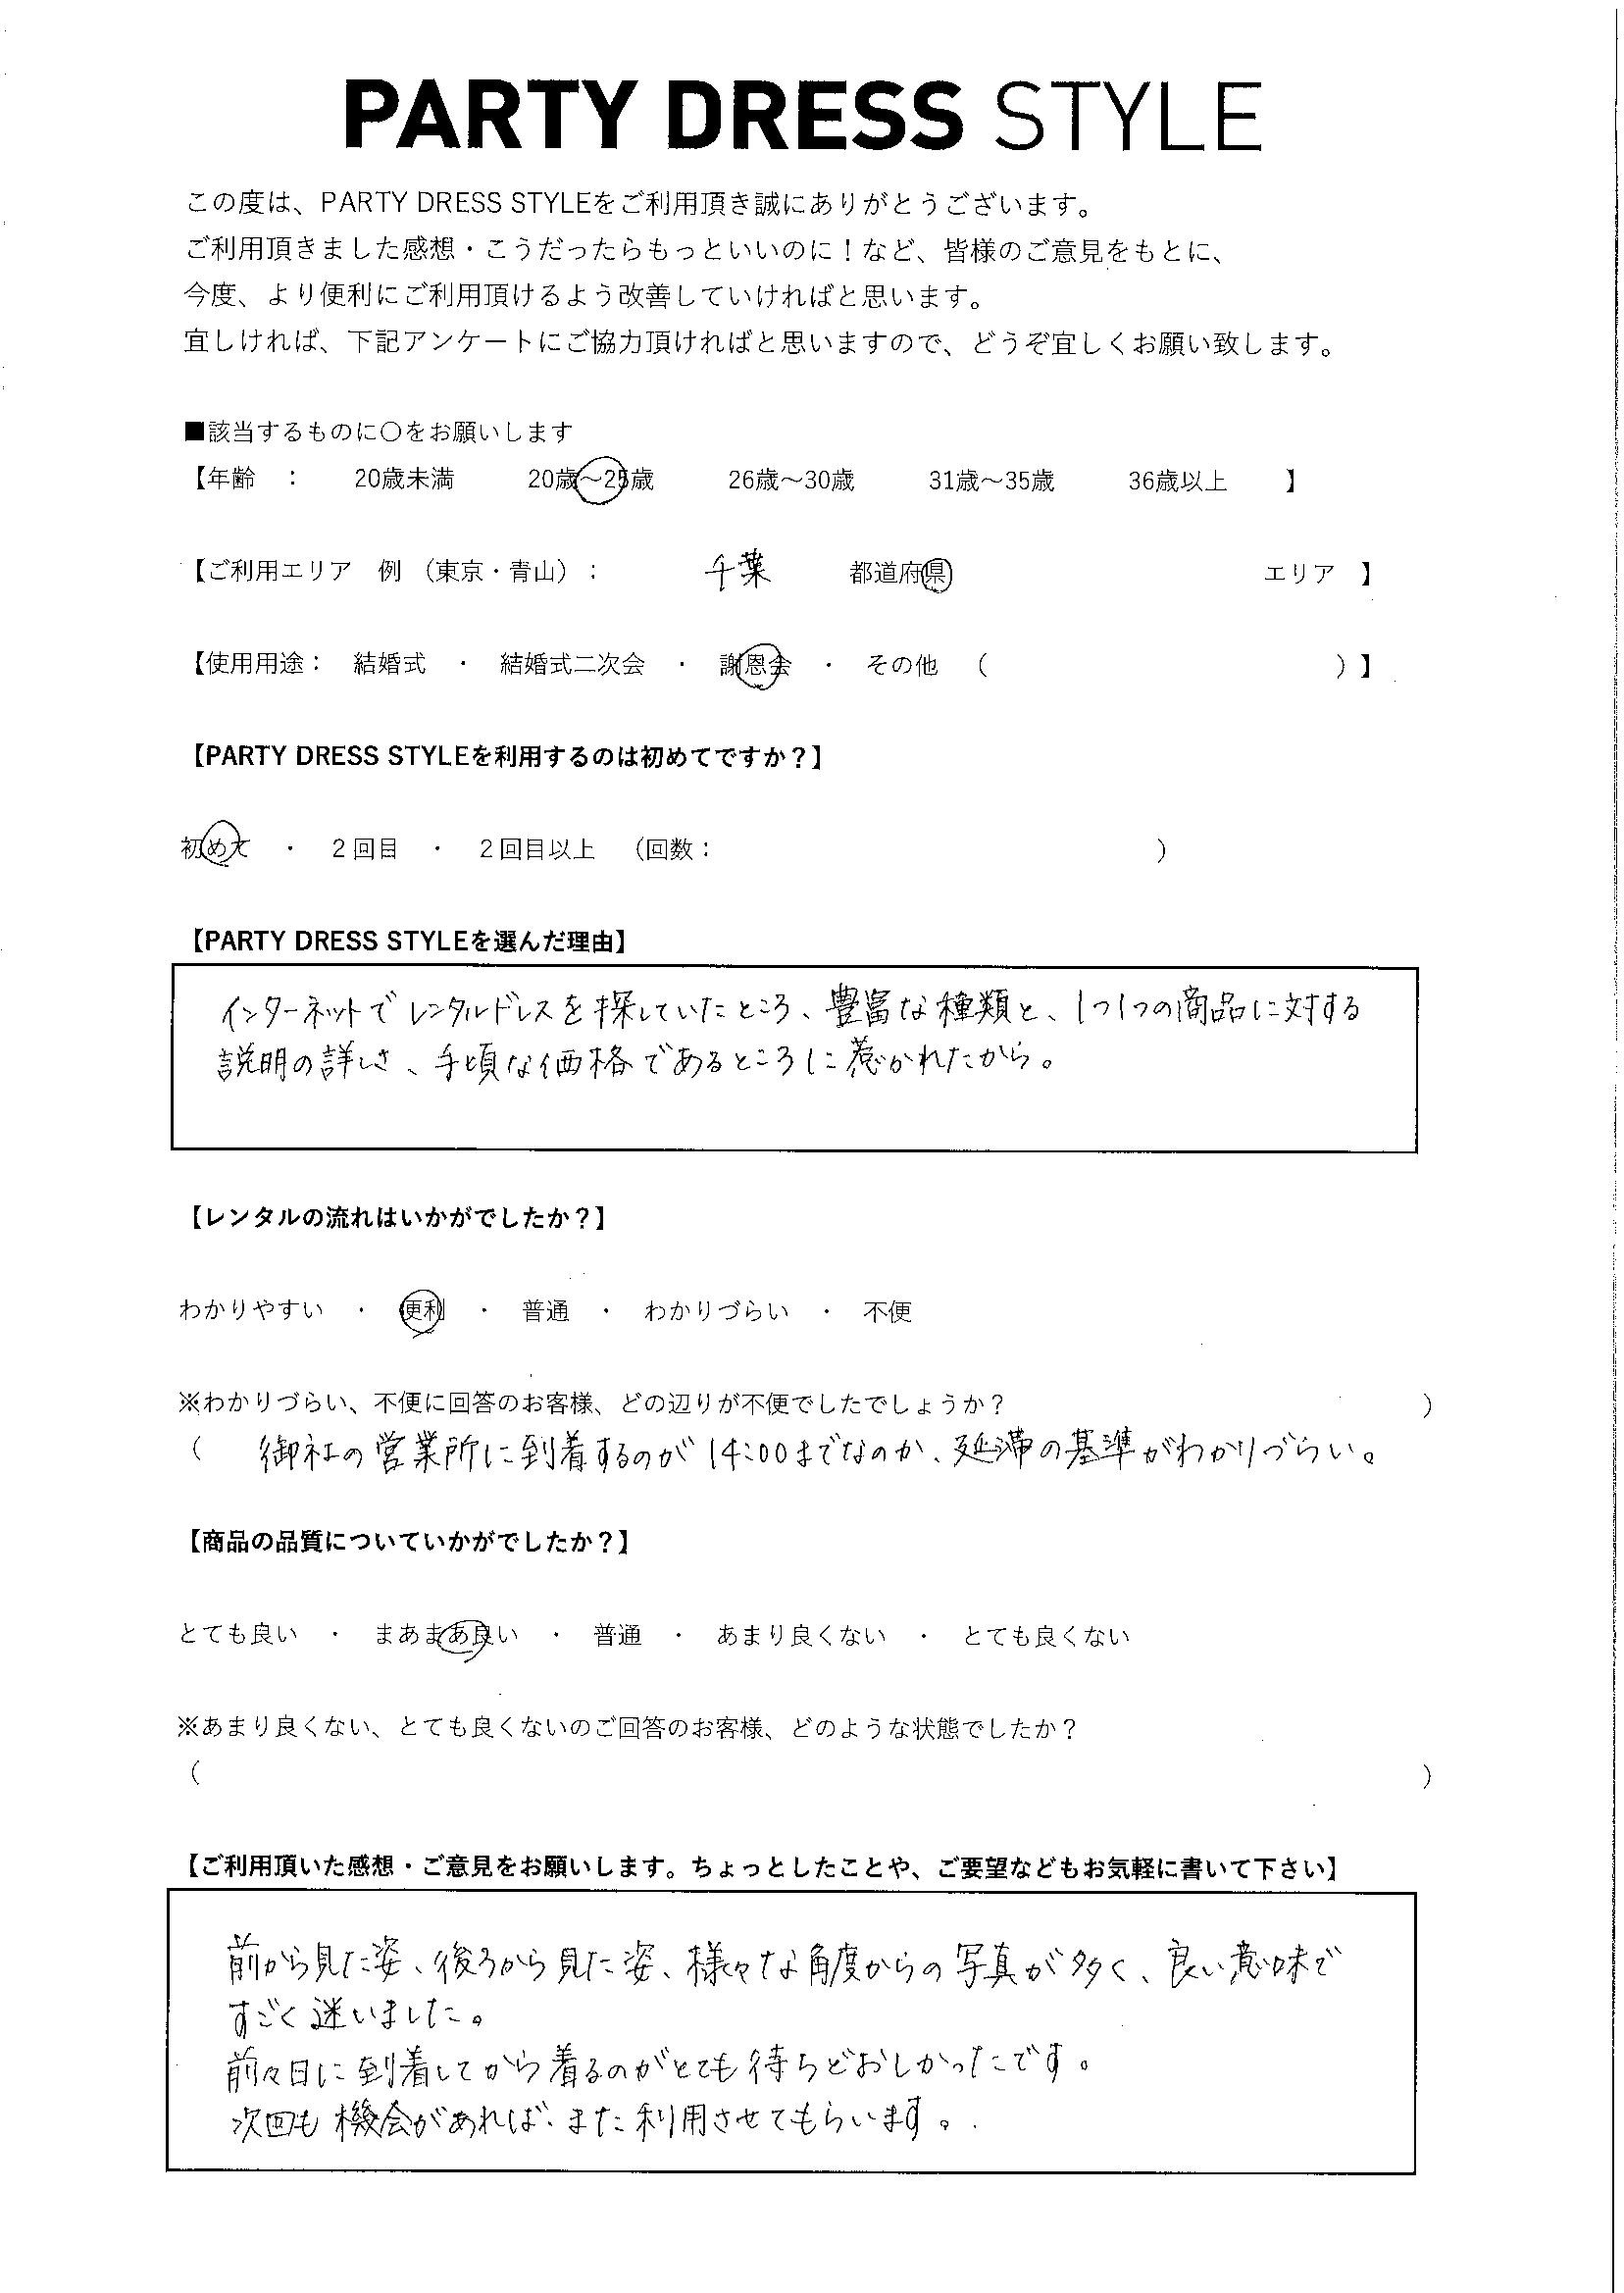 2/1謝恩会ご利用 千葉エリア